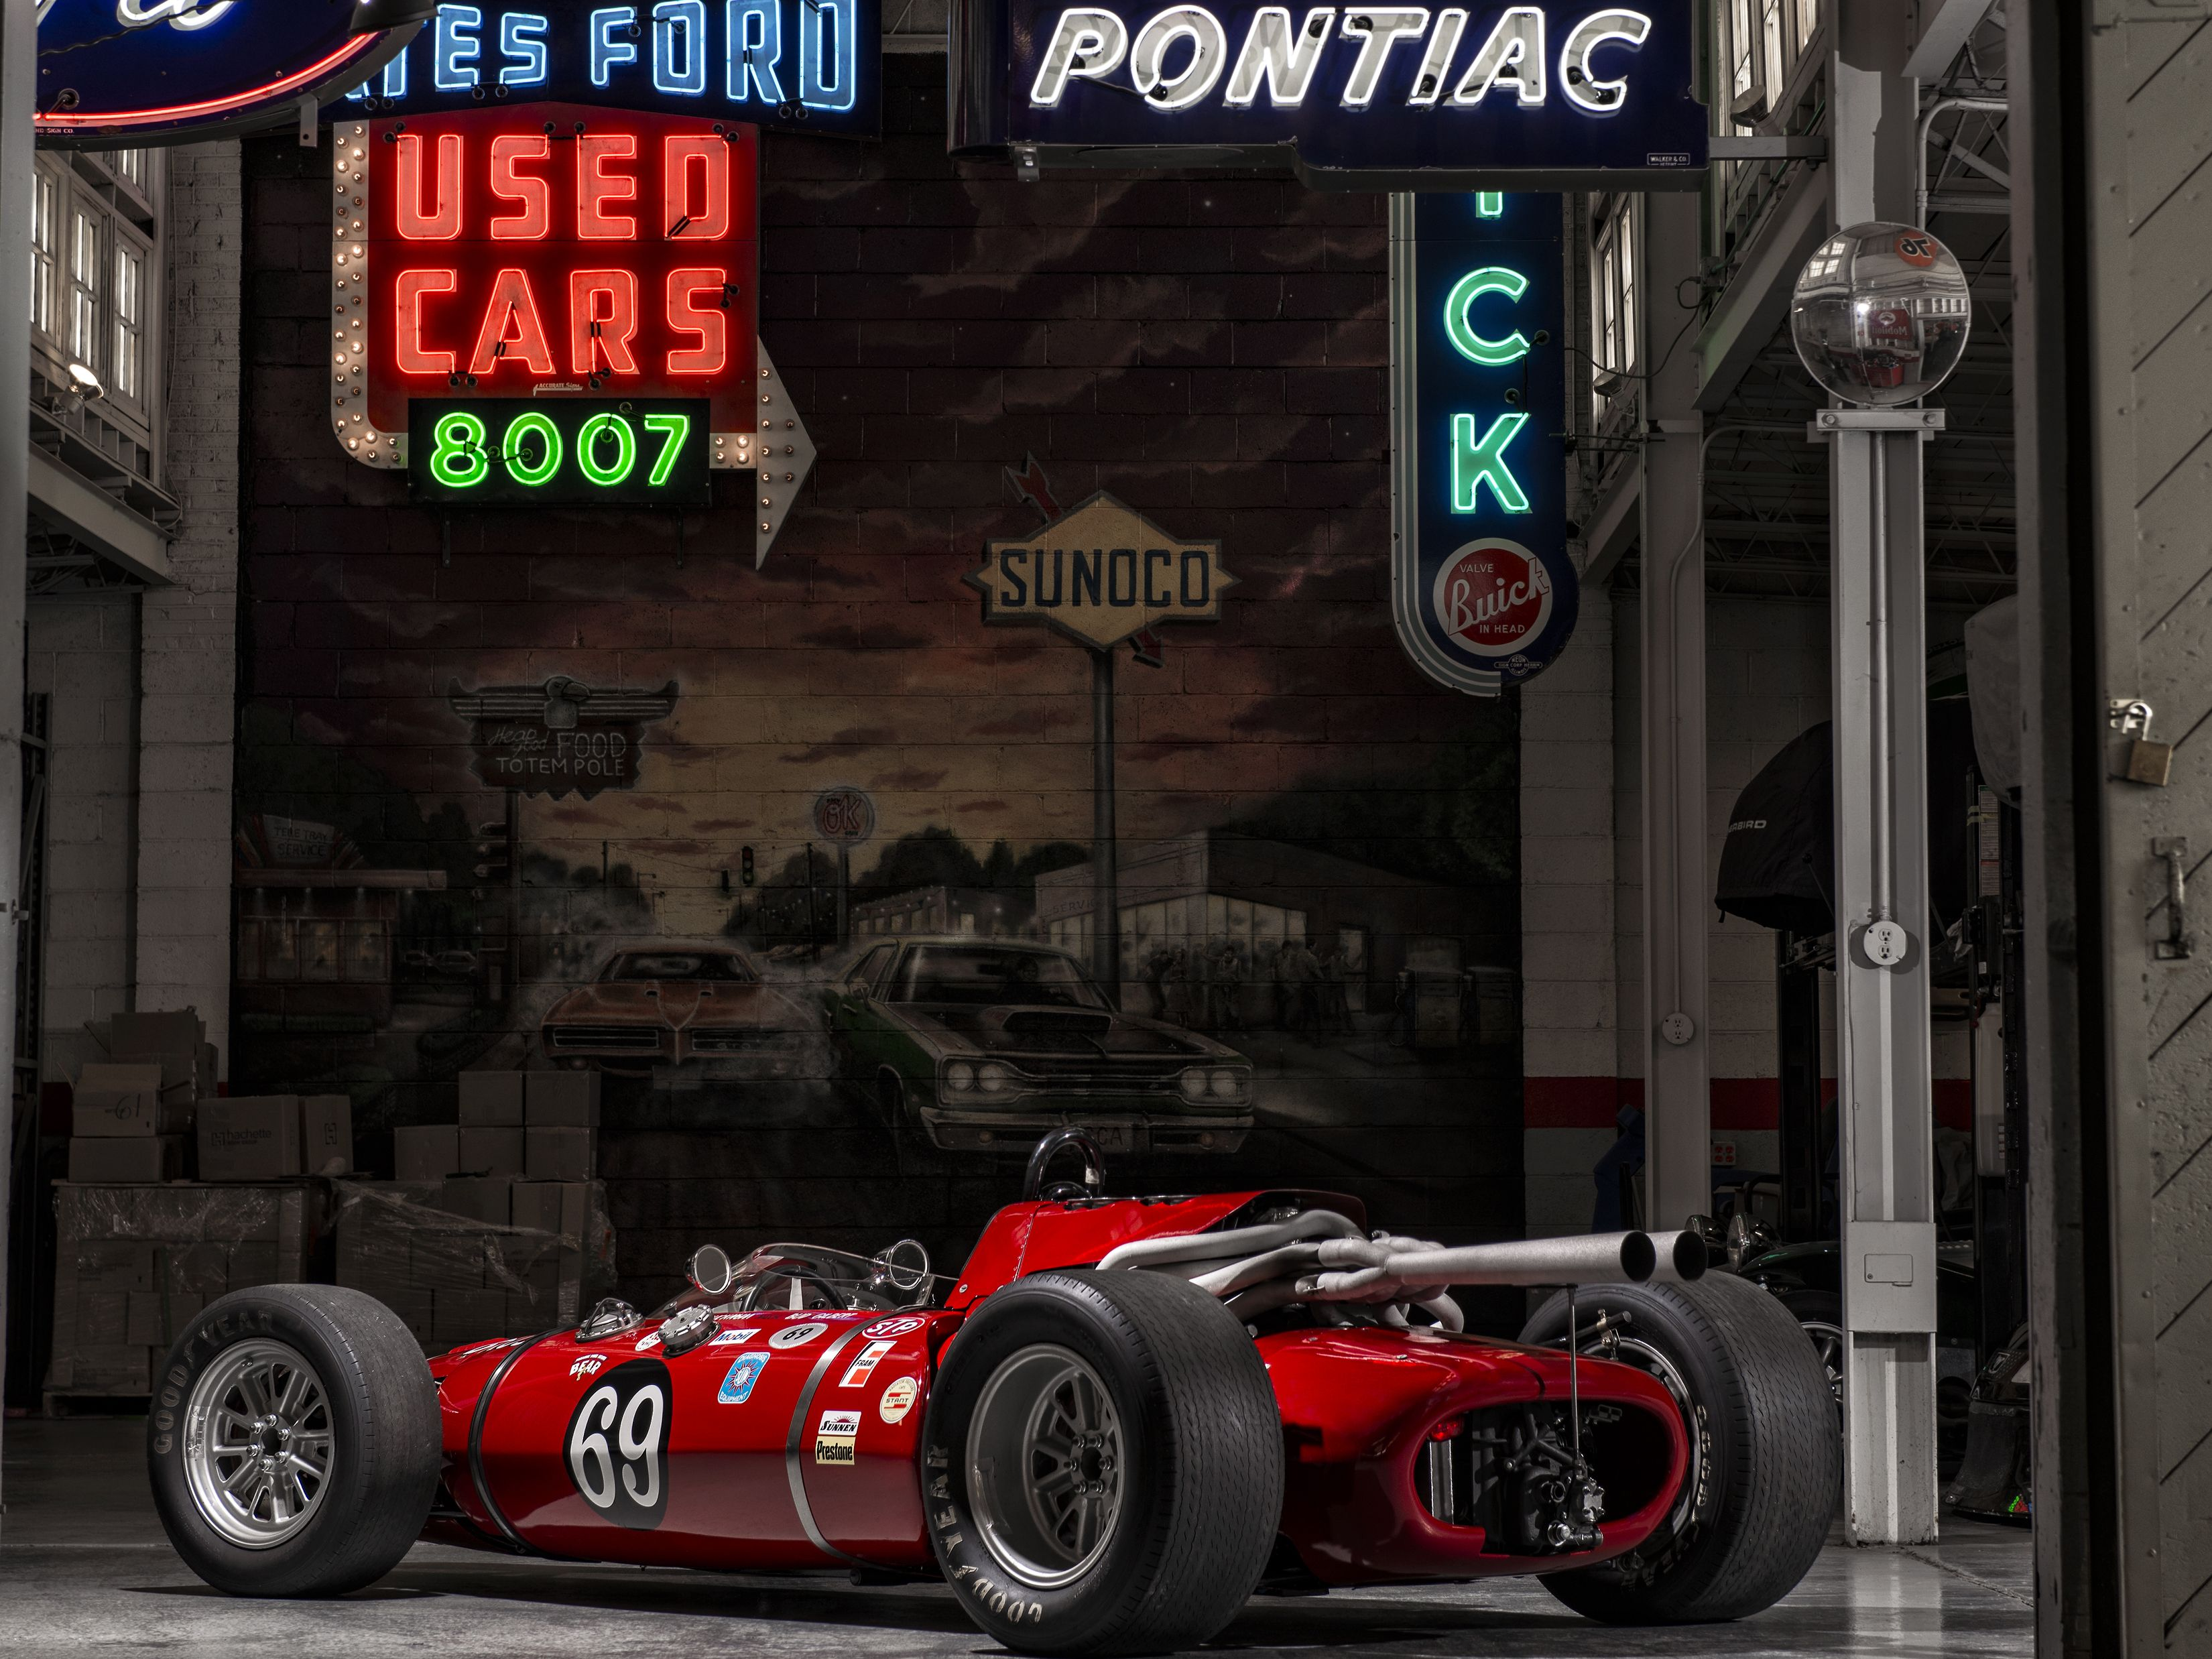 1964 Eisert Indy car - Vintage Race Car Photos